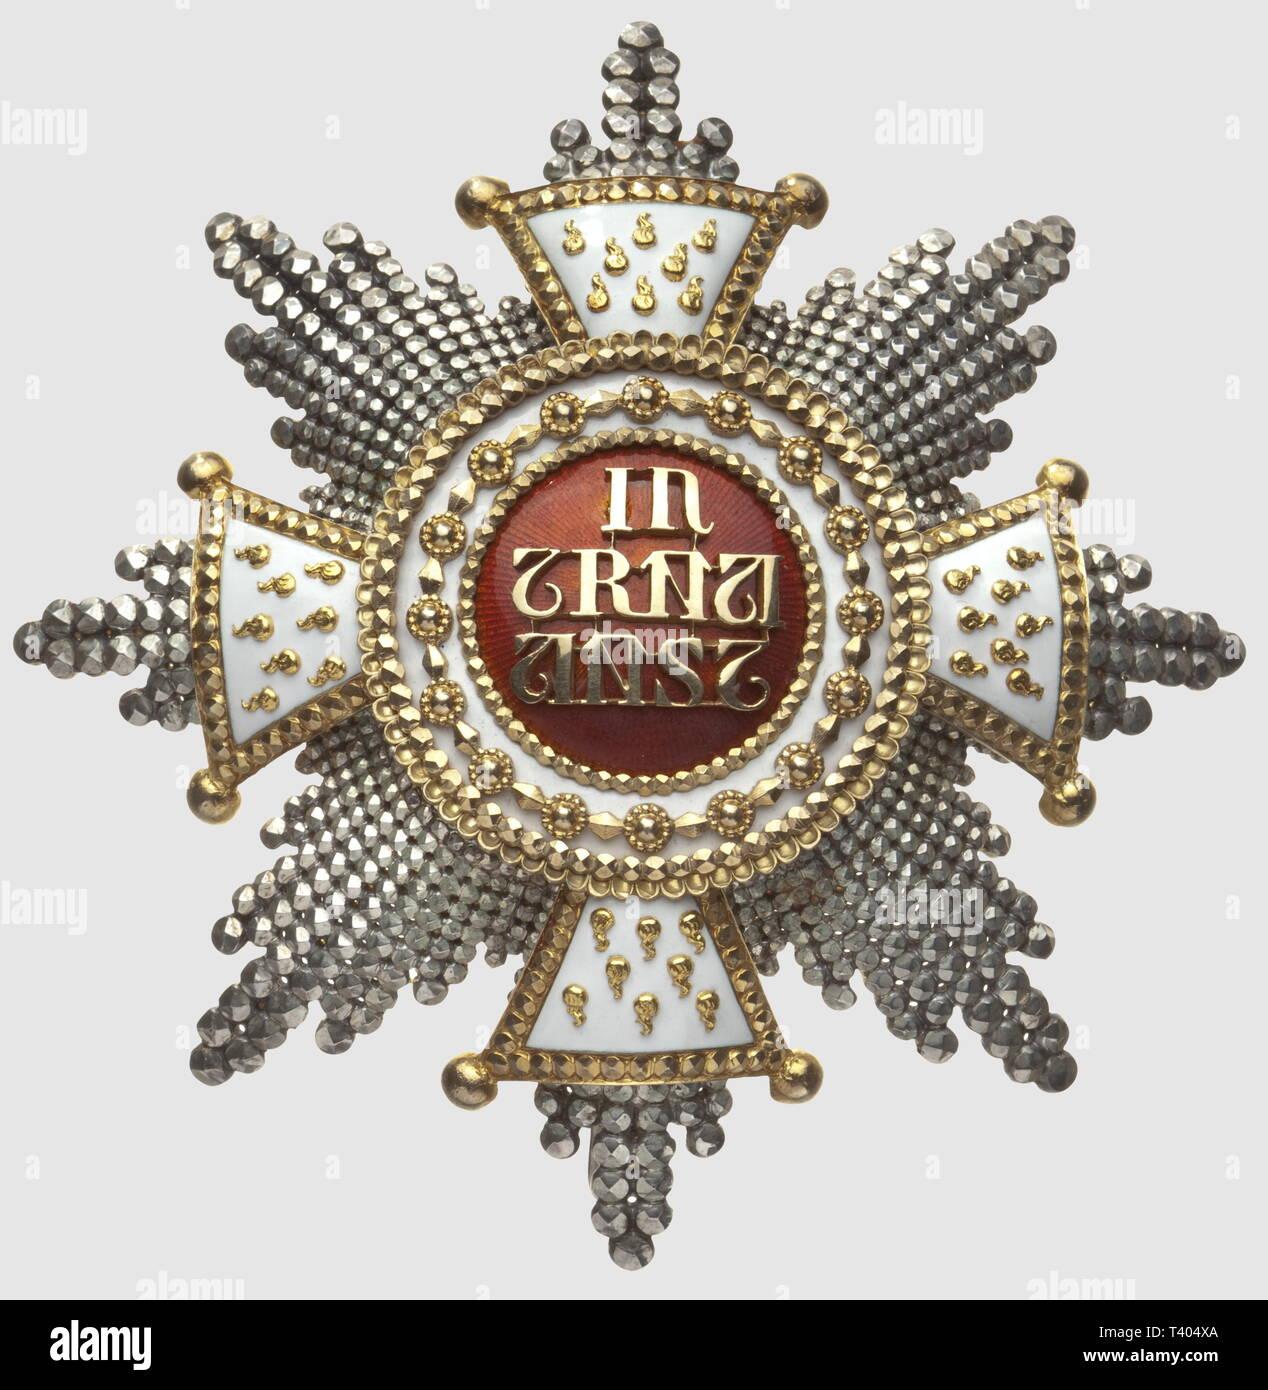 Bavière, Ordre Chevaleresque de la Maison de Saint Hubert , plaque en argent, repercé à pointes de diamant, centre en or, fabr. postérieure, poincon de la maison 'C.F. Rothe' diamètre 85mm. Créé en 1444 par Gérard V de Juliers et de Berg. Il est renouvelé en 1708 par le Prince Electeur Maximilien Joseph du Palatinat et de Bavière, Additional-Rights-Clearance-Info-Not-Available - Stock Image